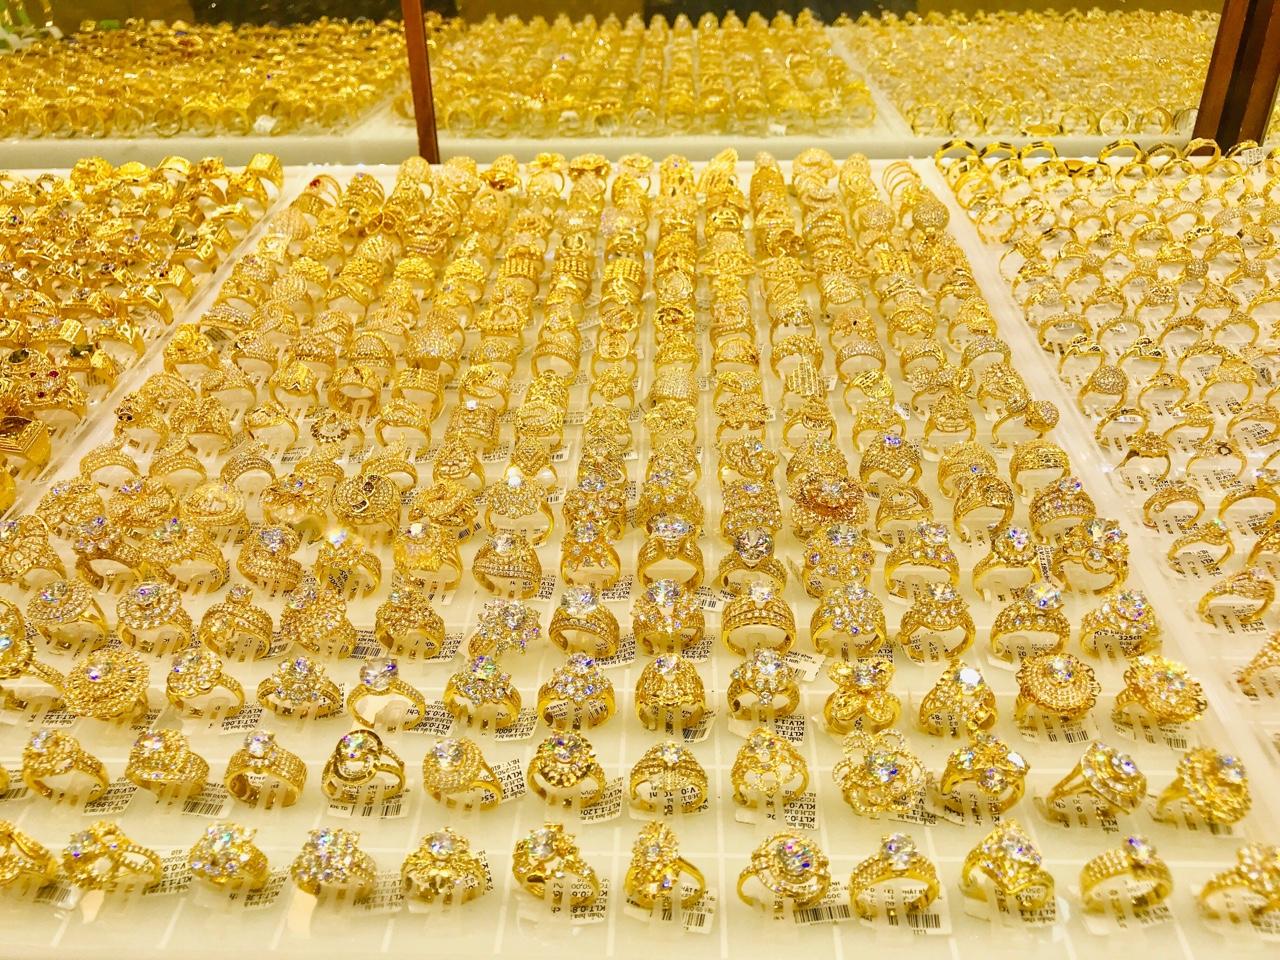 Vượt xa ngưỡng 49 triệu đồng/lượng, giá vàng trong nước dự báo sẽ còn tiếp tục tăng - Ảnh 2.